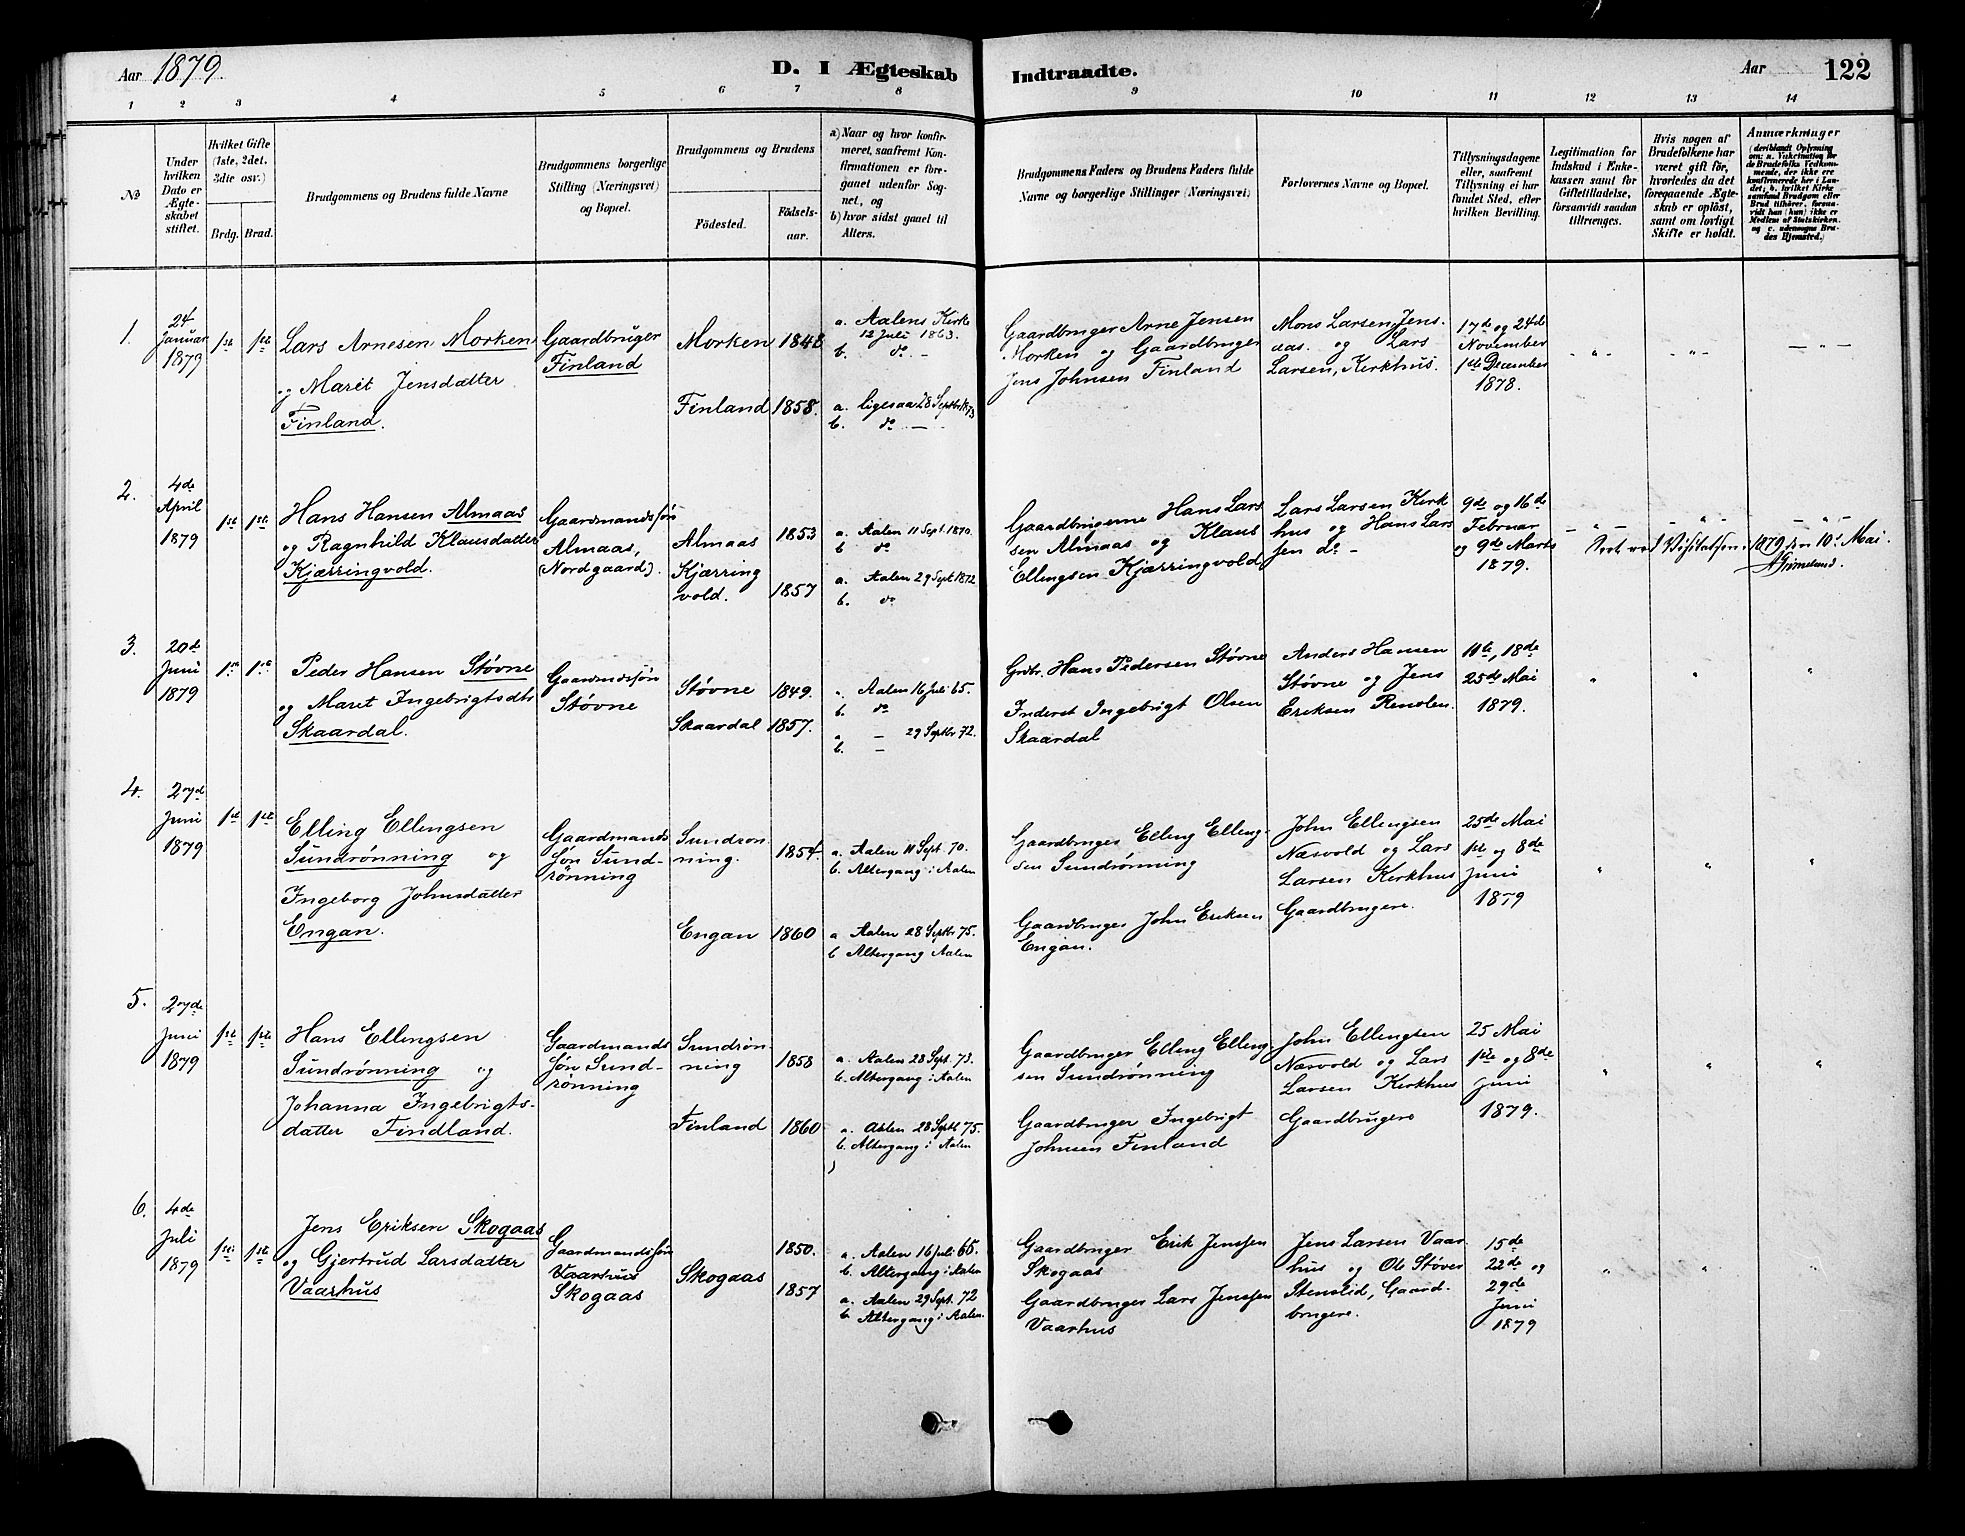 SAT, Ministerialprotokoller, klokkerbøker og fødselsregistre - Sør-Trøndelag, 686/L0983: Ministerialbok nr. 686A01, 1879-1890, s. 122